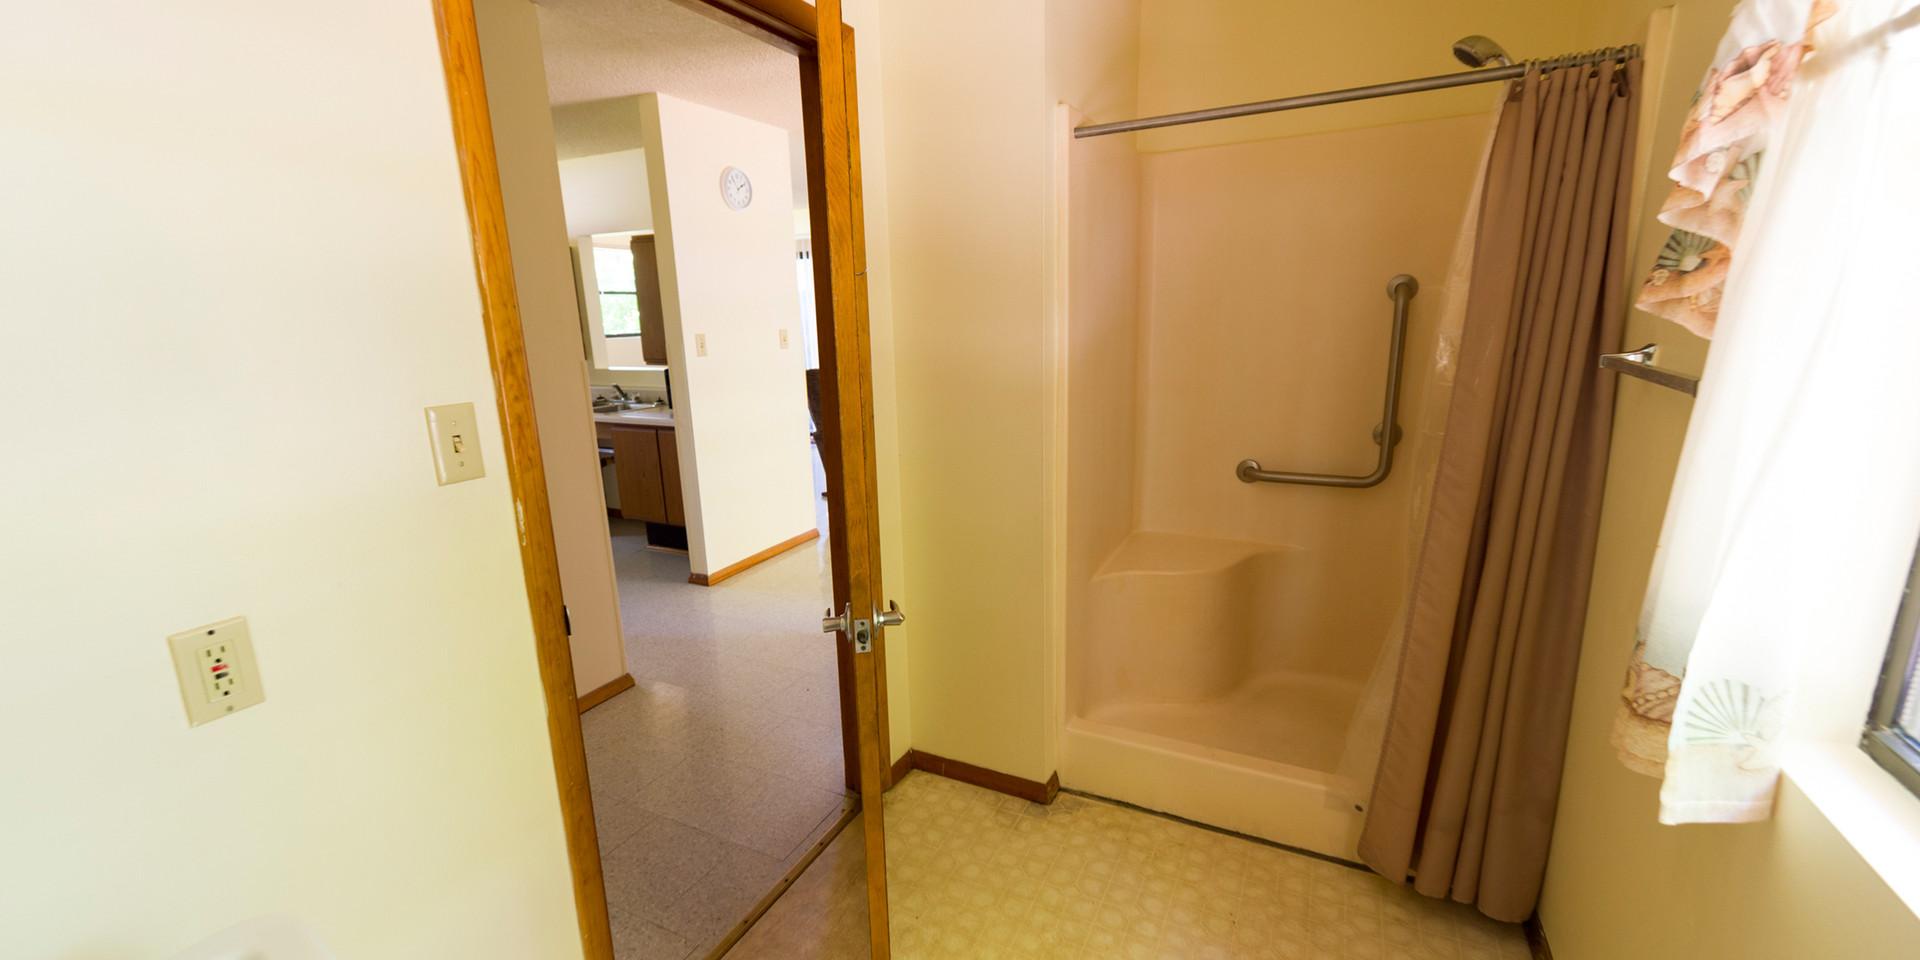 Cabin-Shower.jpg